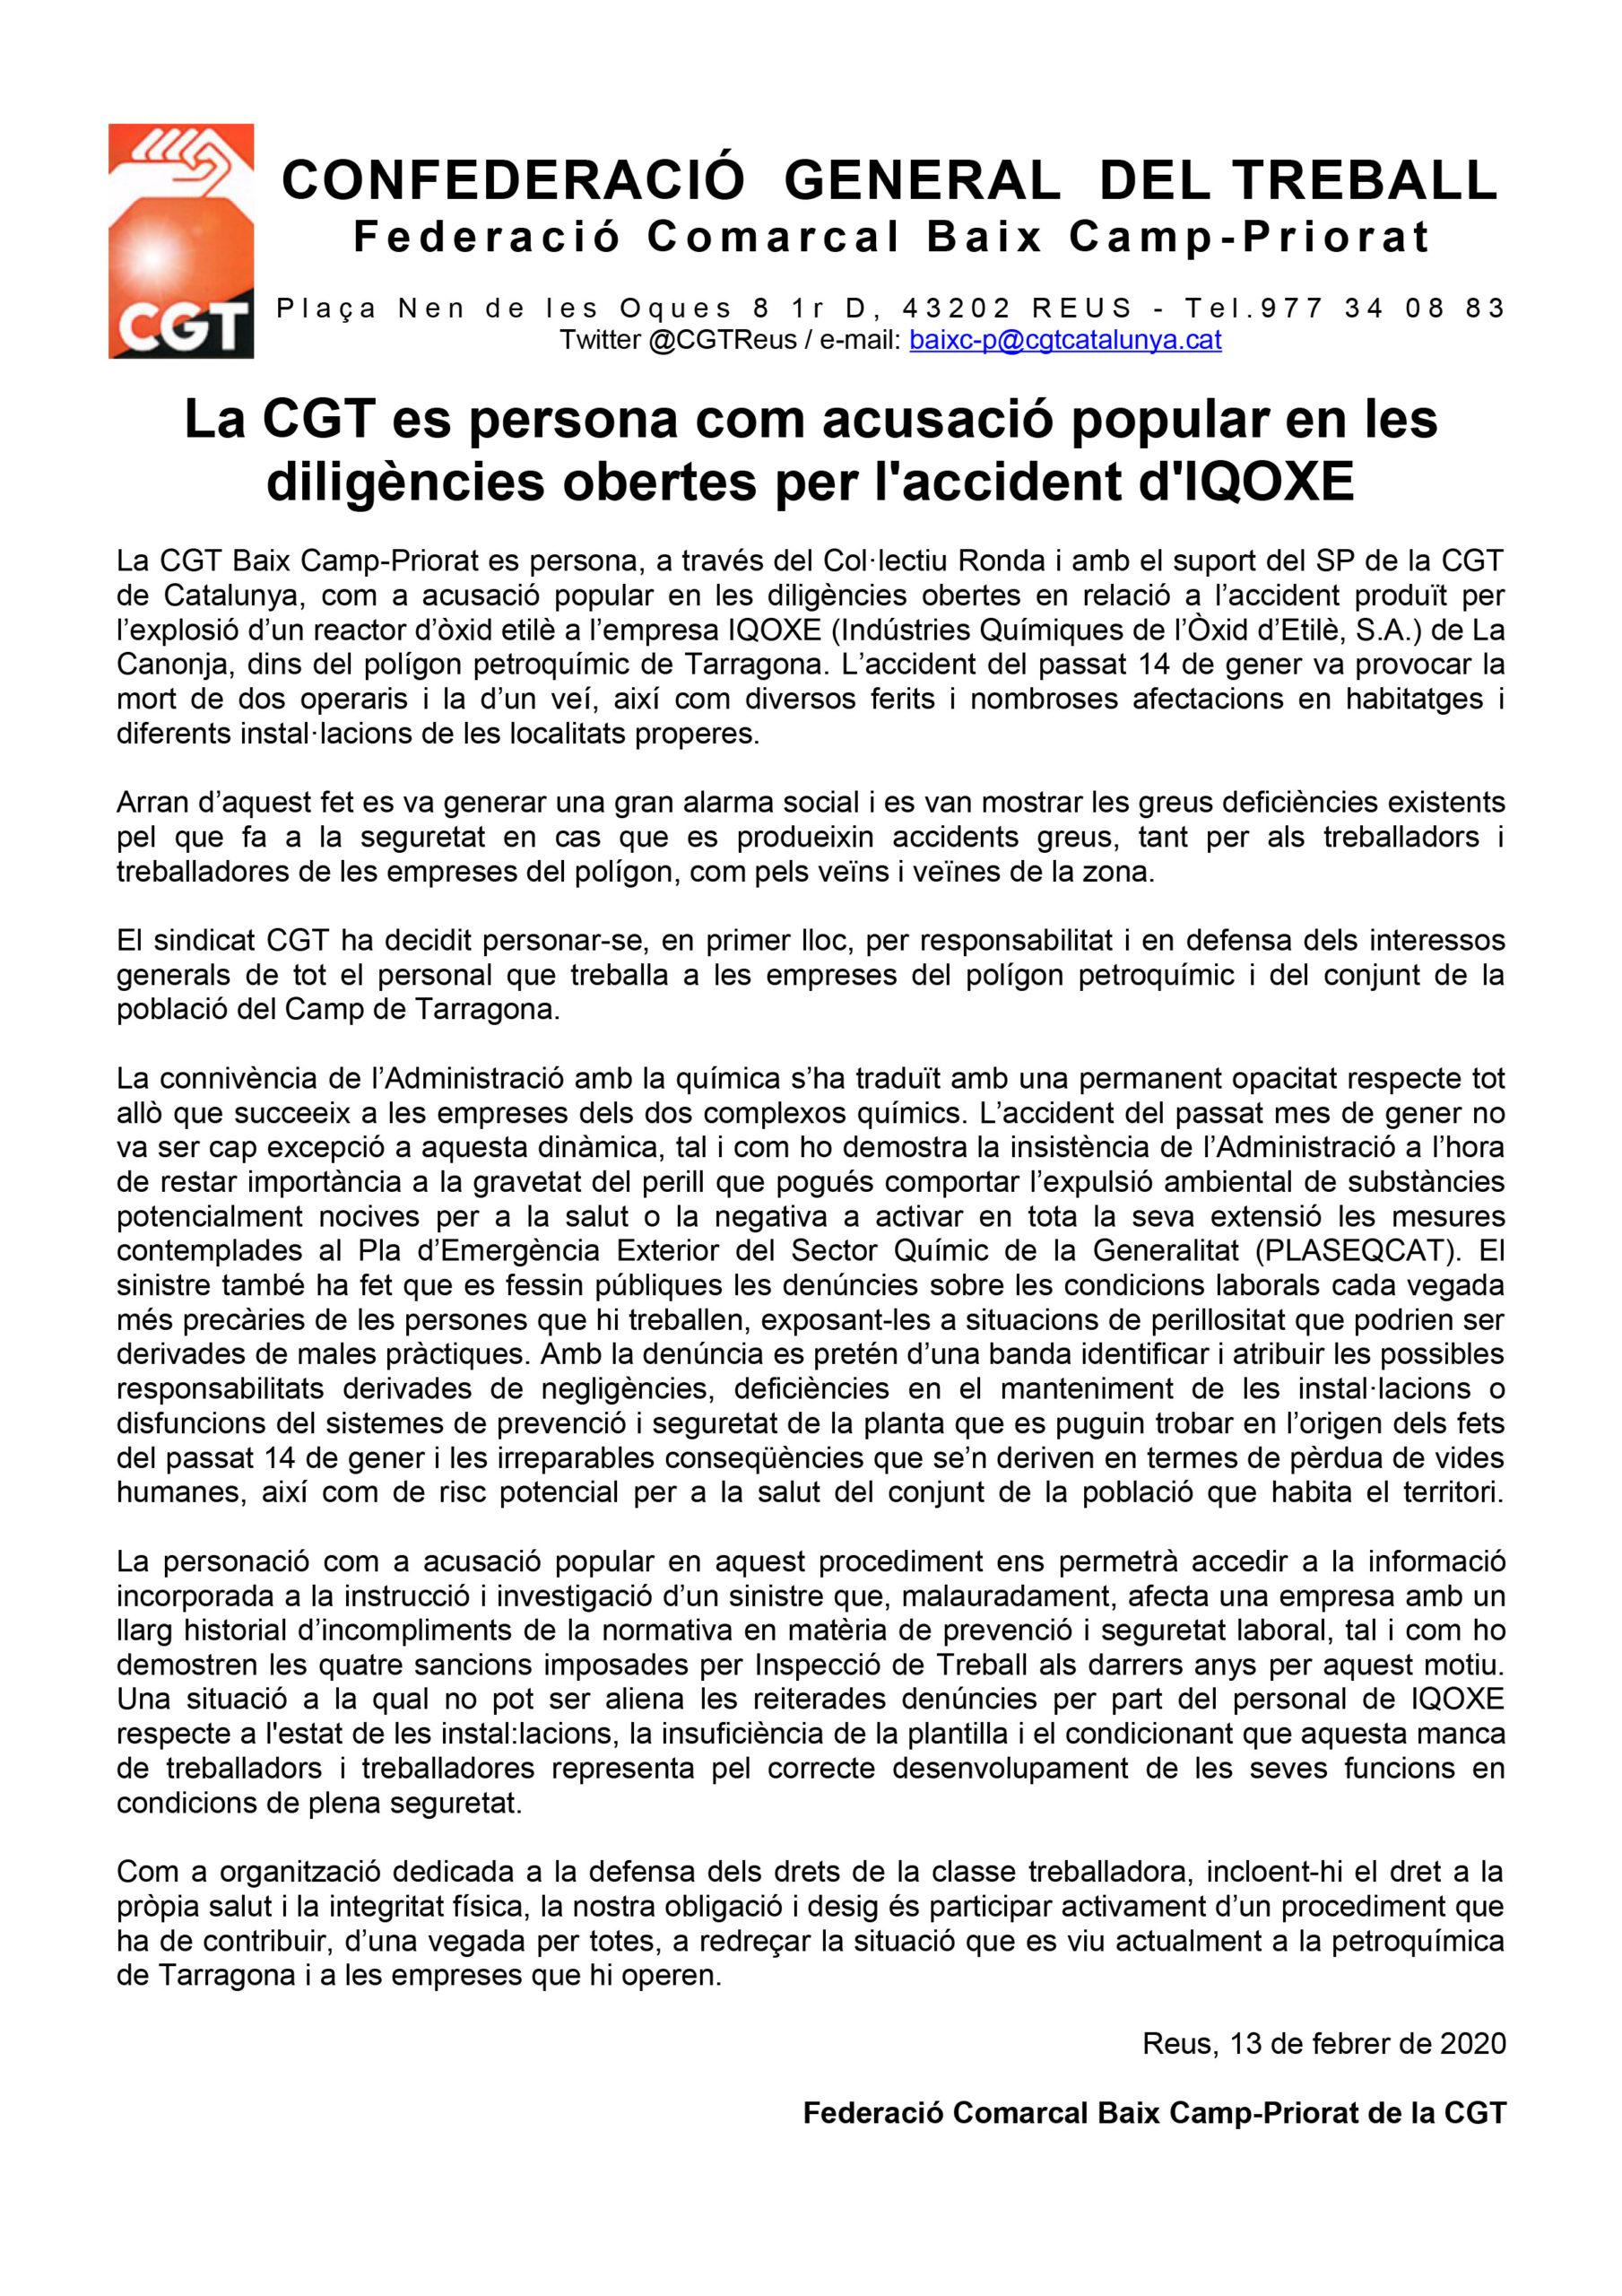 comunicat_personacio_cgt_cas_iqoxe.jpg